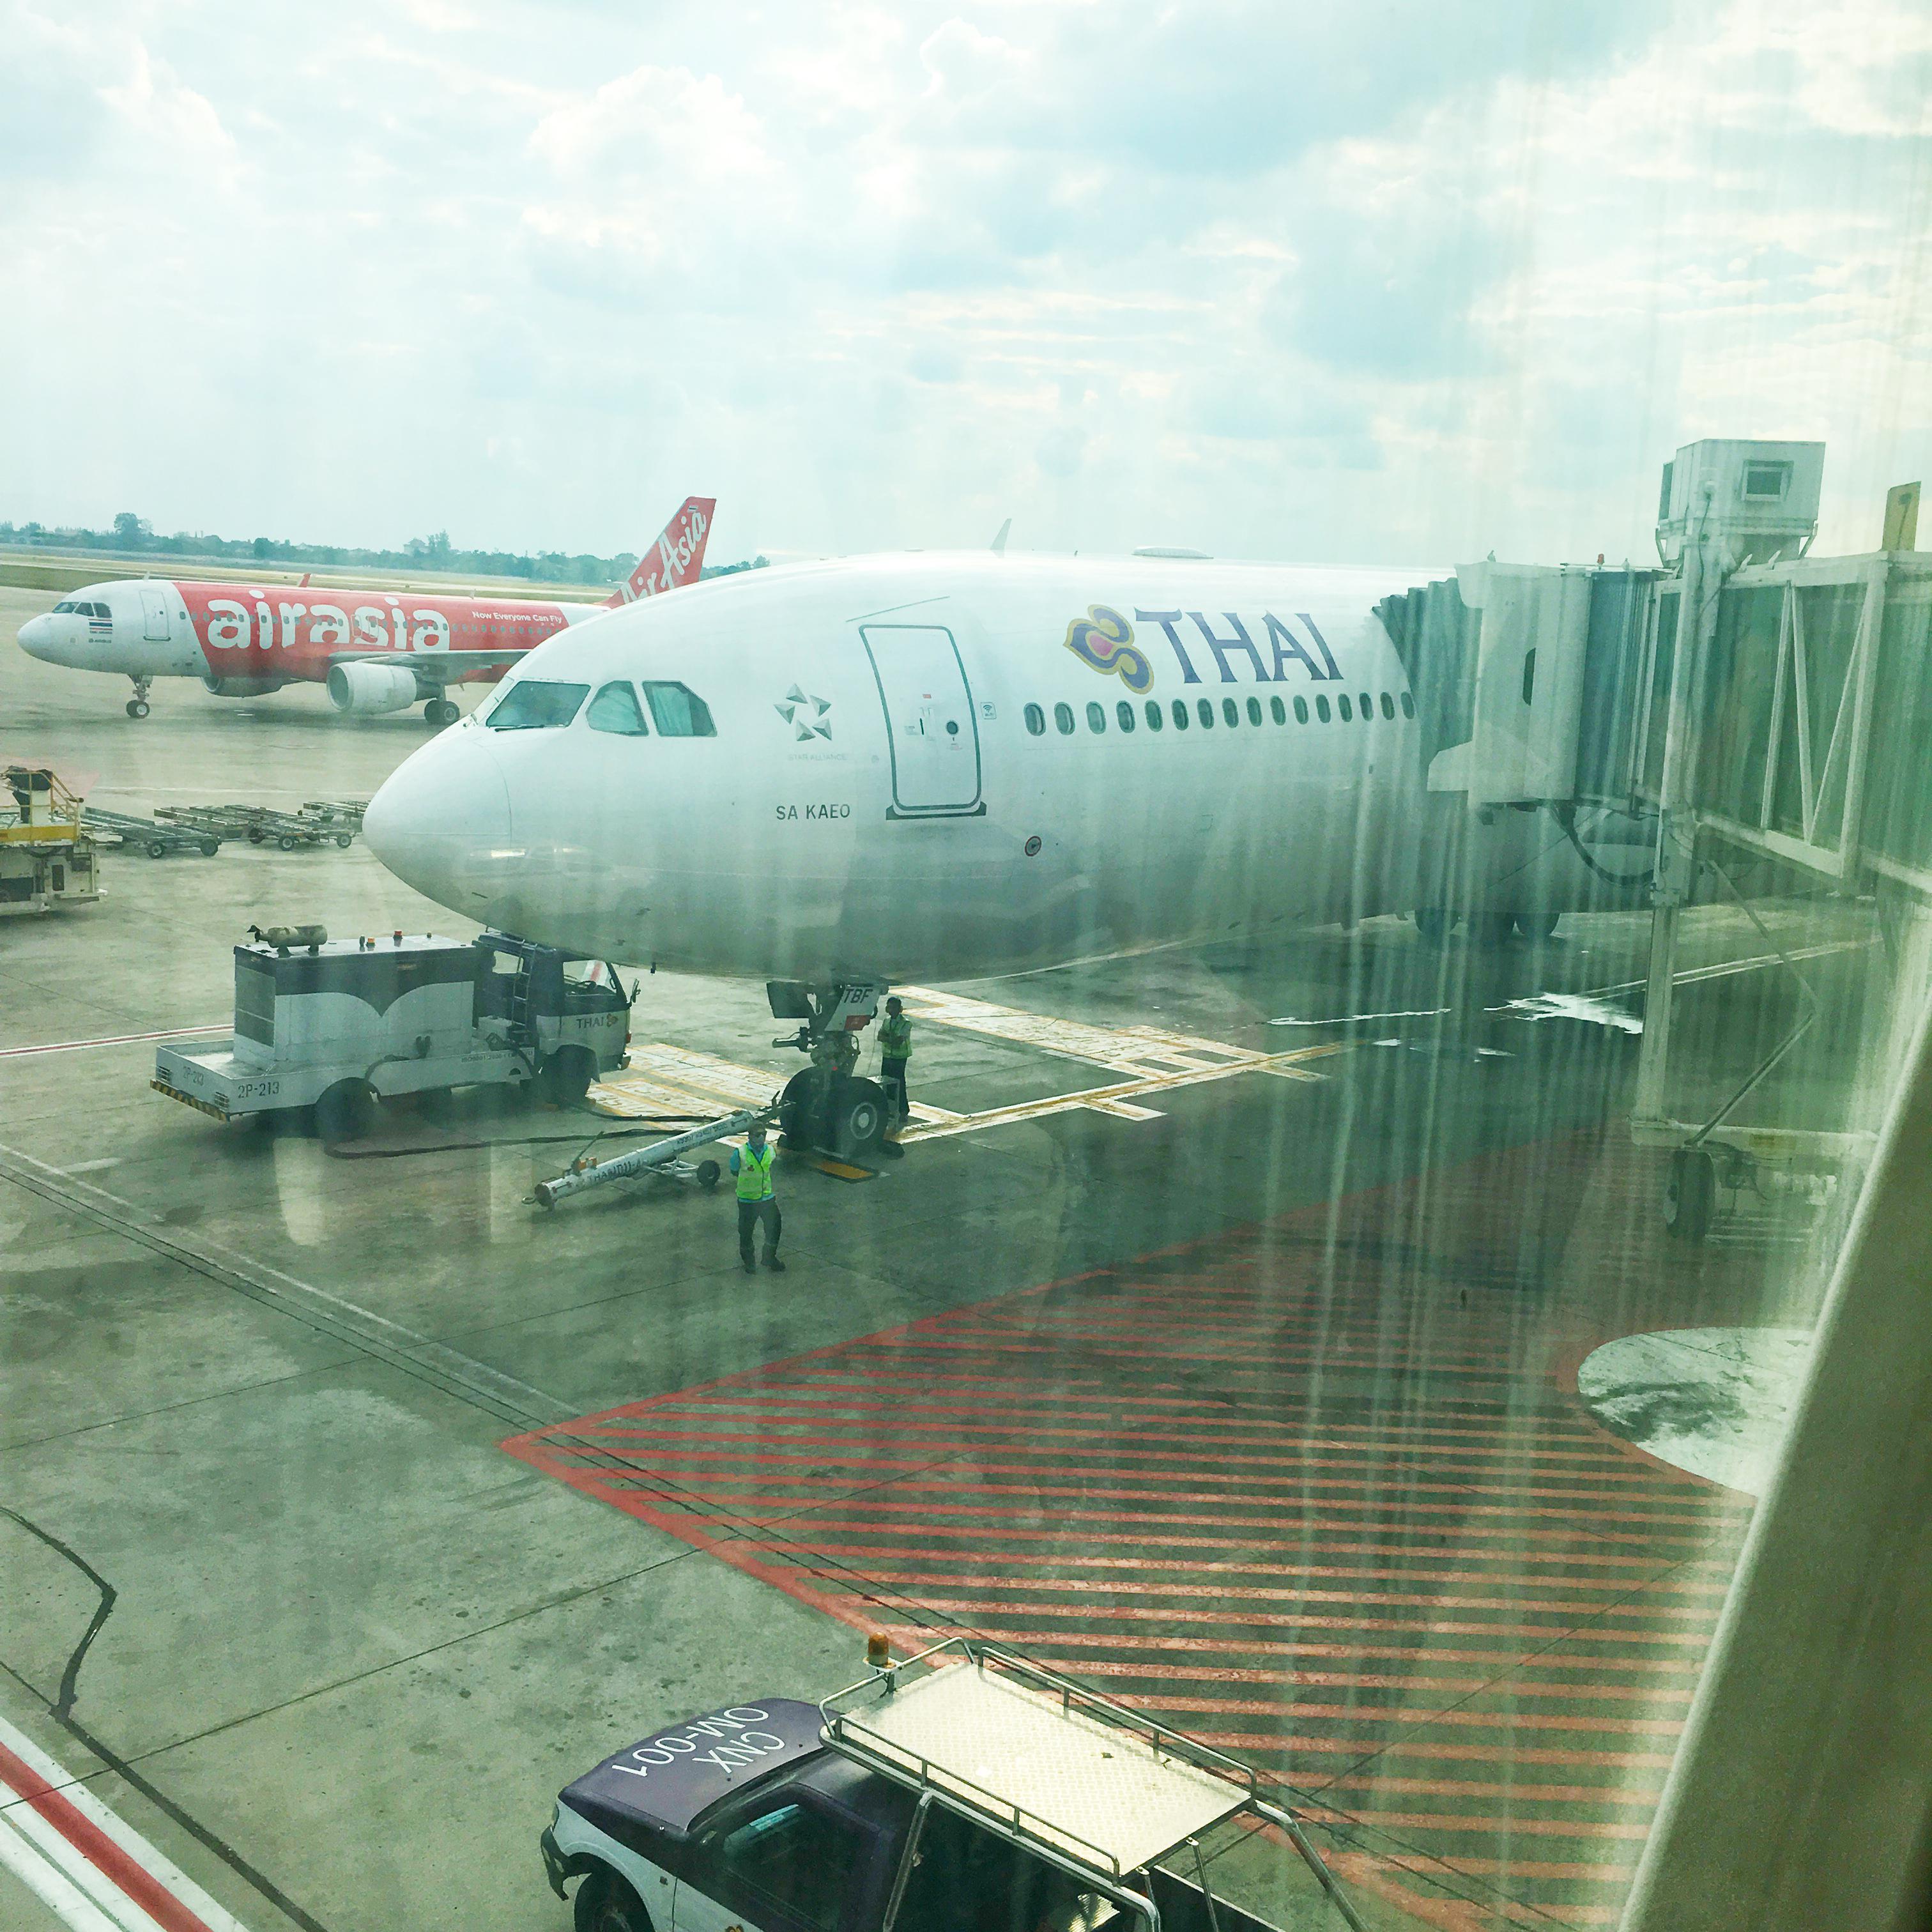 【タイ滞在3日目④】チェンマイからバンコクへタイ航空でひとっとび!